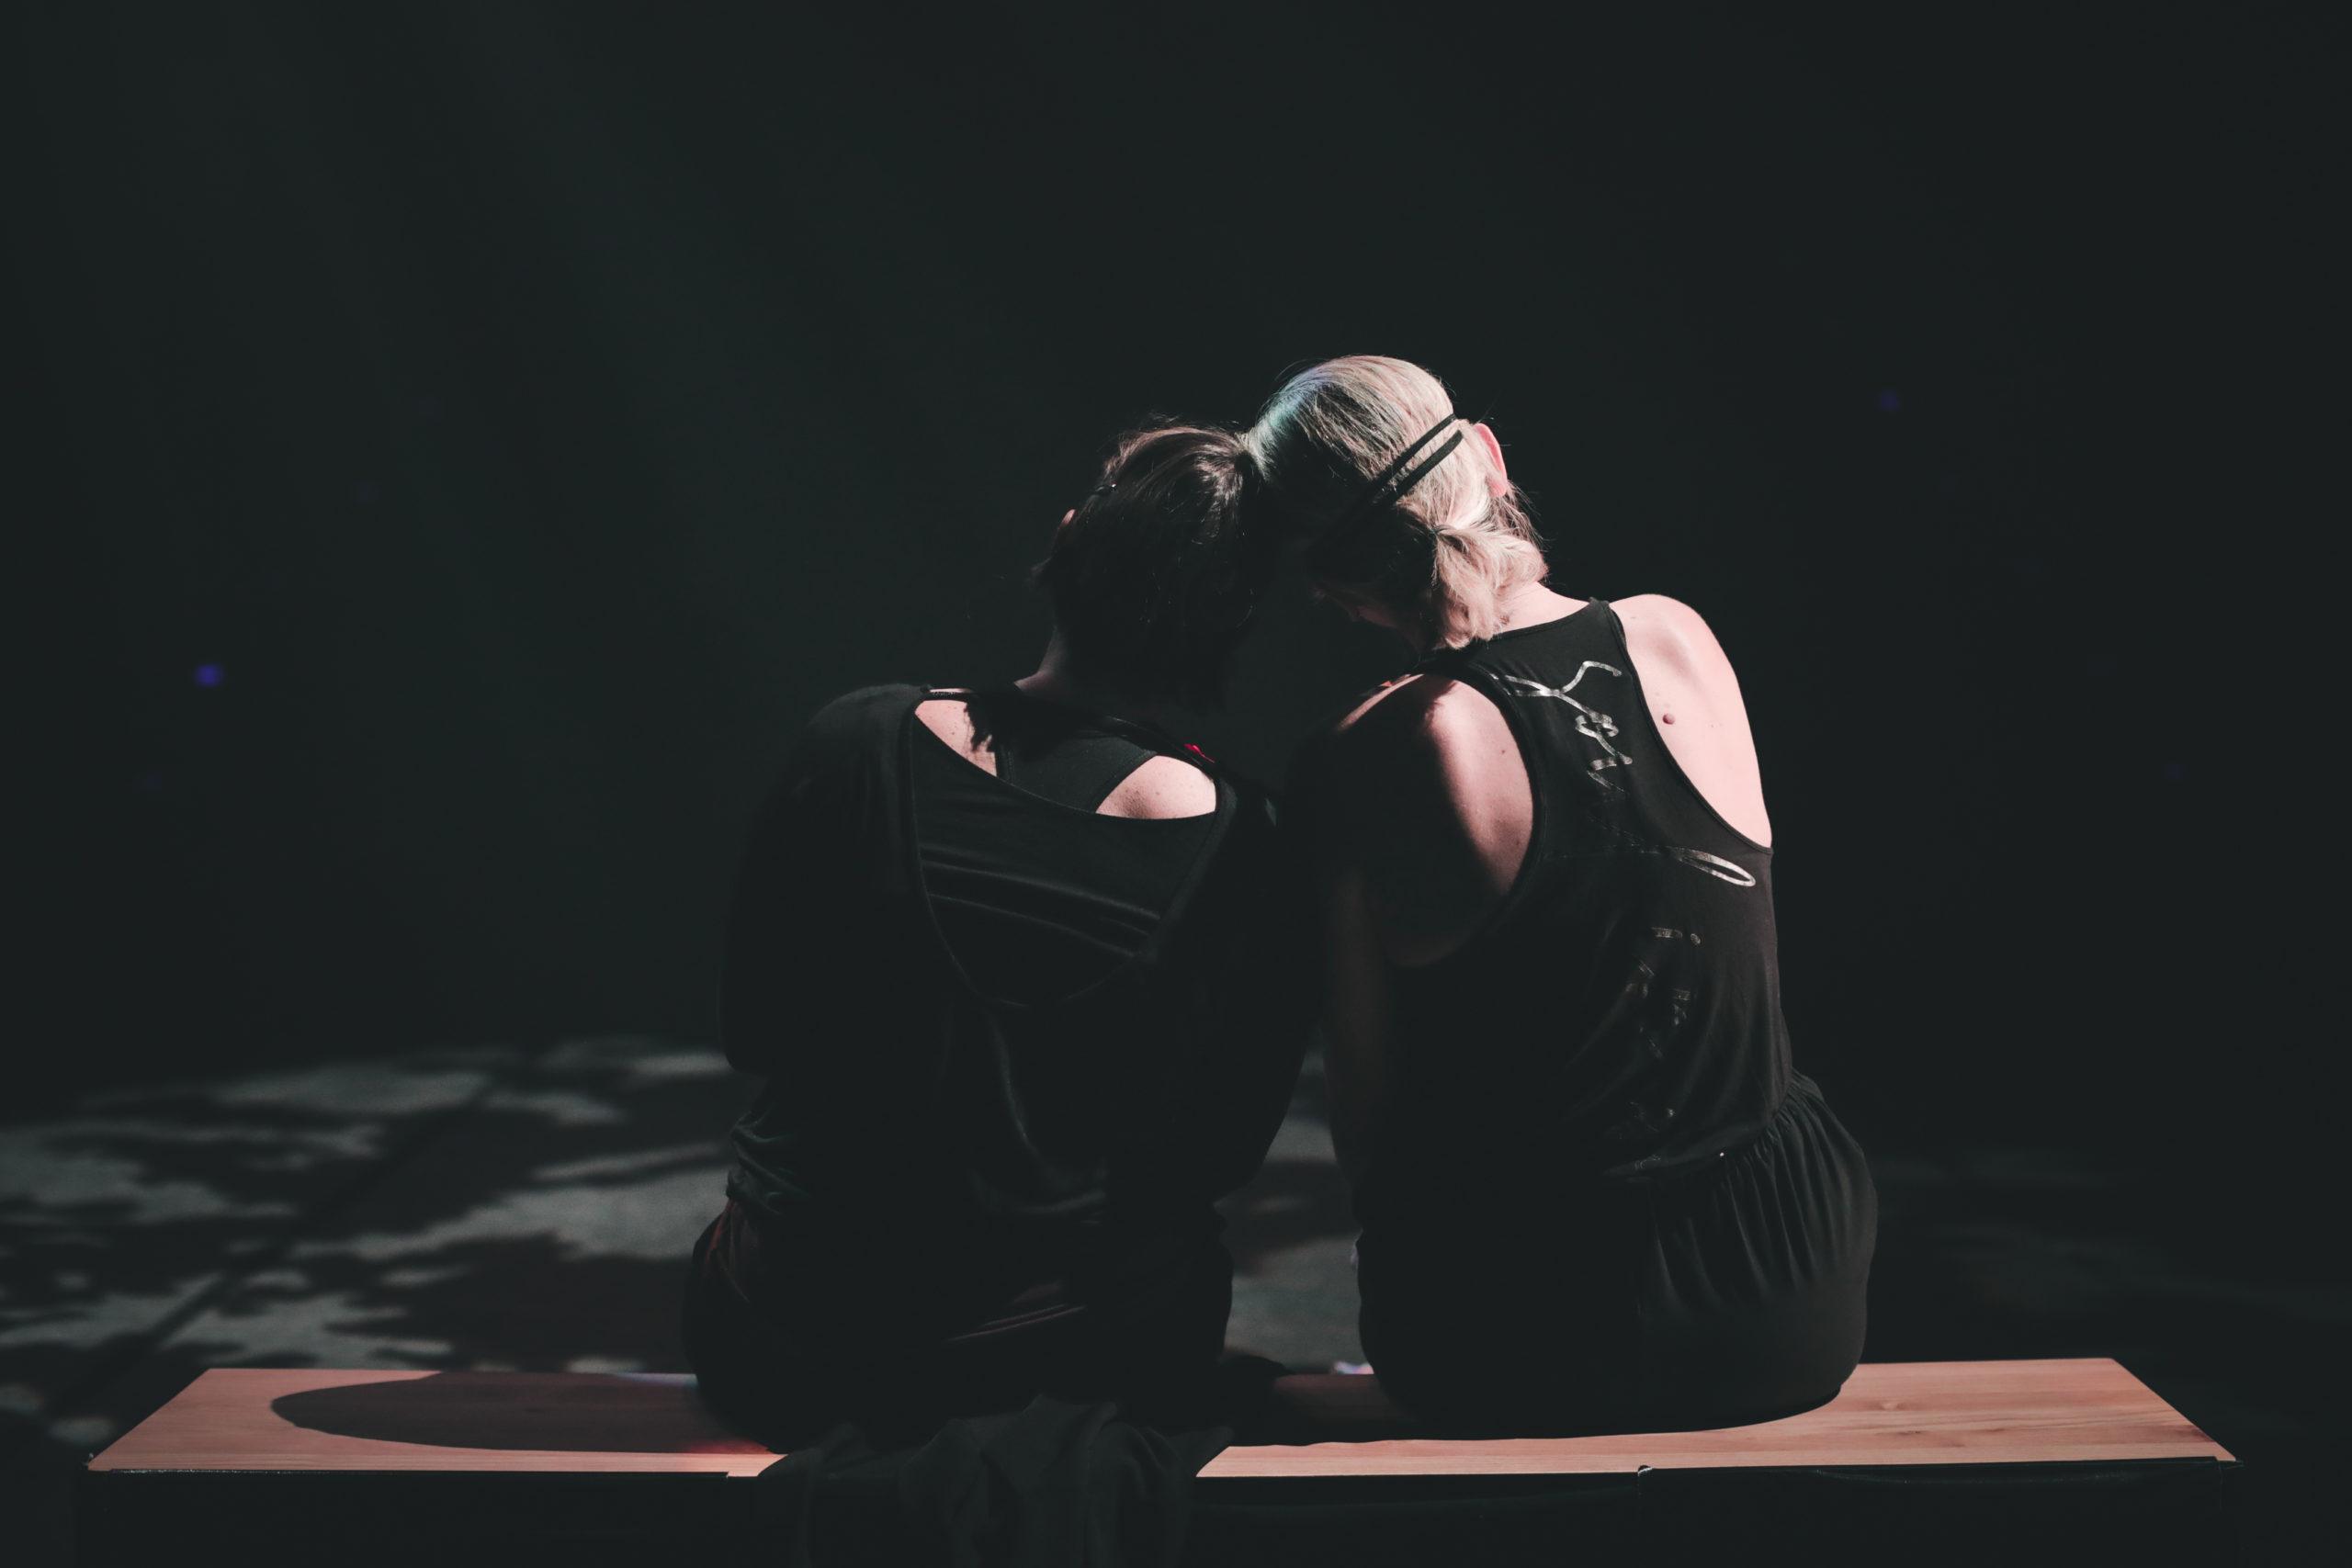 deux danseuse de la Klaus compagnie de dos assises sur un banc